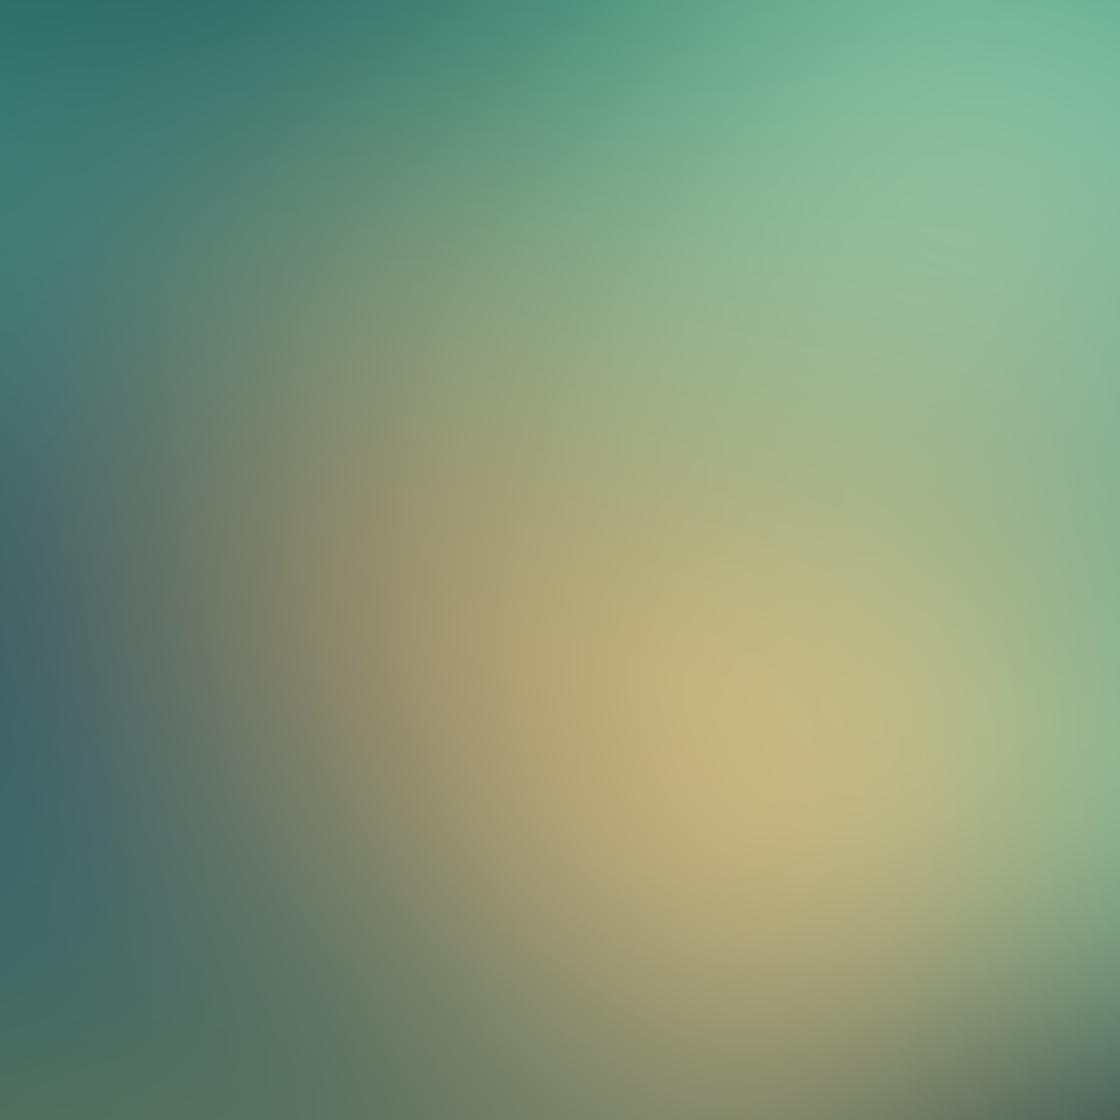 iPhone Photos Texture 33